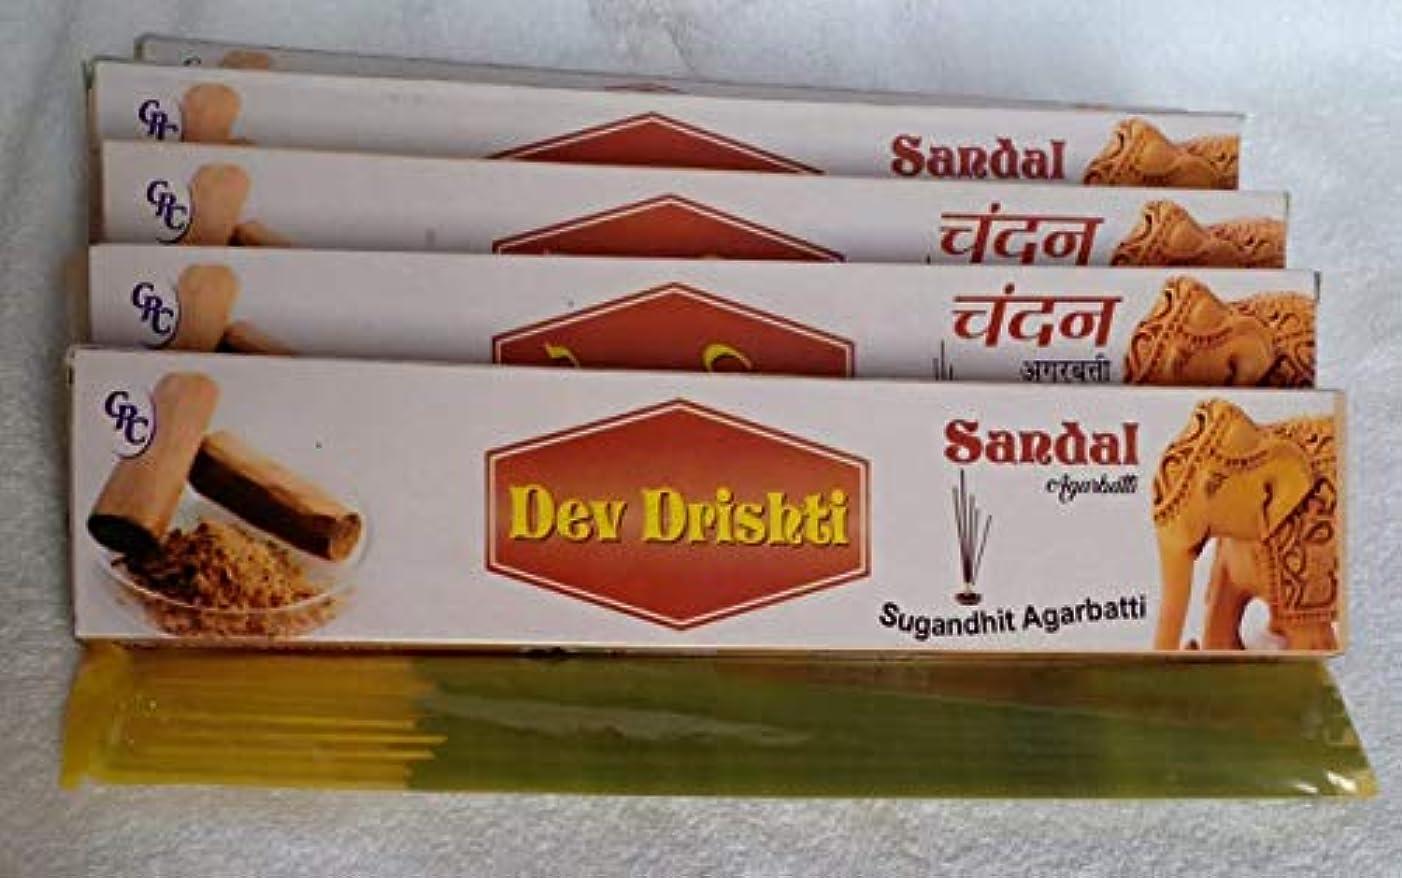 区別つかまえる世辞Dev Drishti Sandal Agarbatti Pack Of 12 (Per Pack of 15 Sticks) (Lavender)